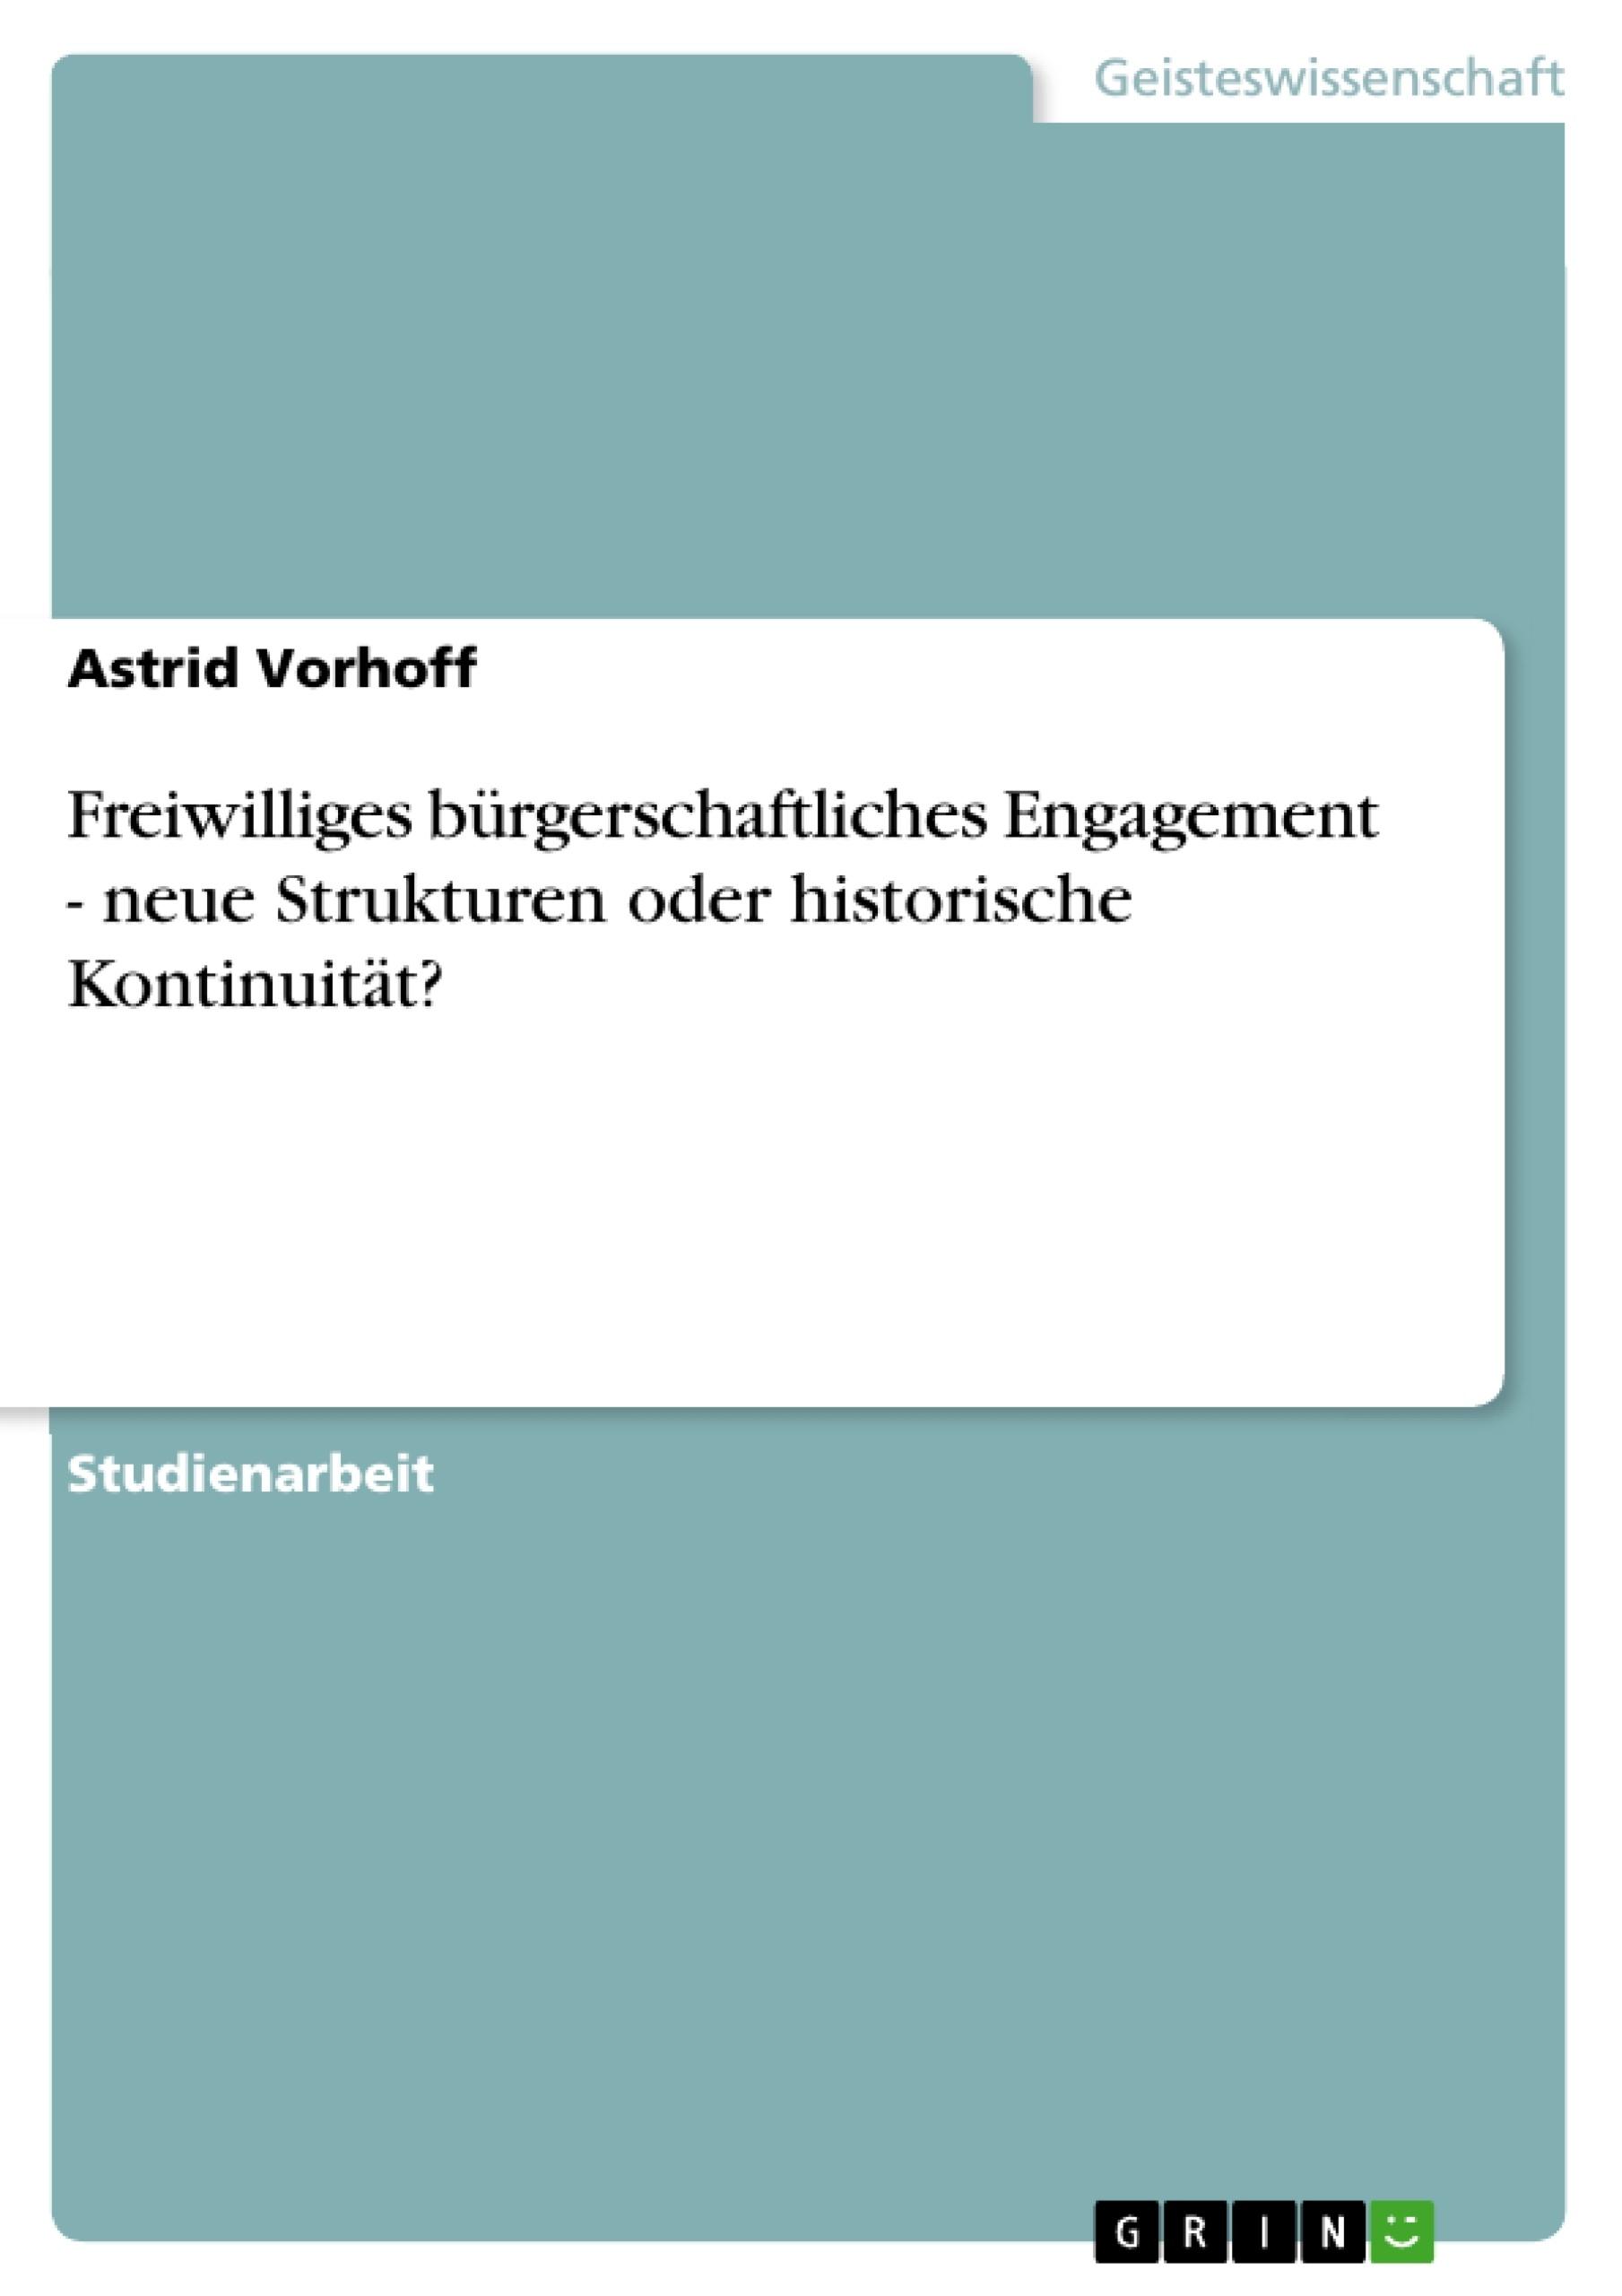 Titel: Freiwilliges bürgerschaftliches Engagement - neue Strukturen oder historische Kontinuität?